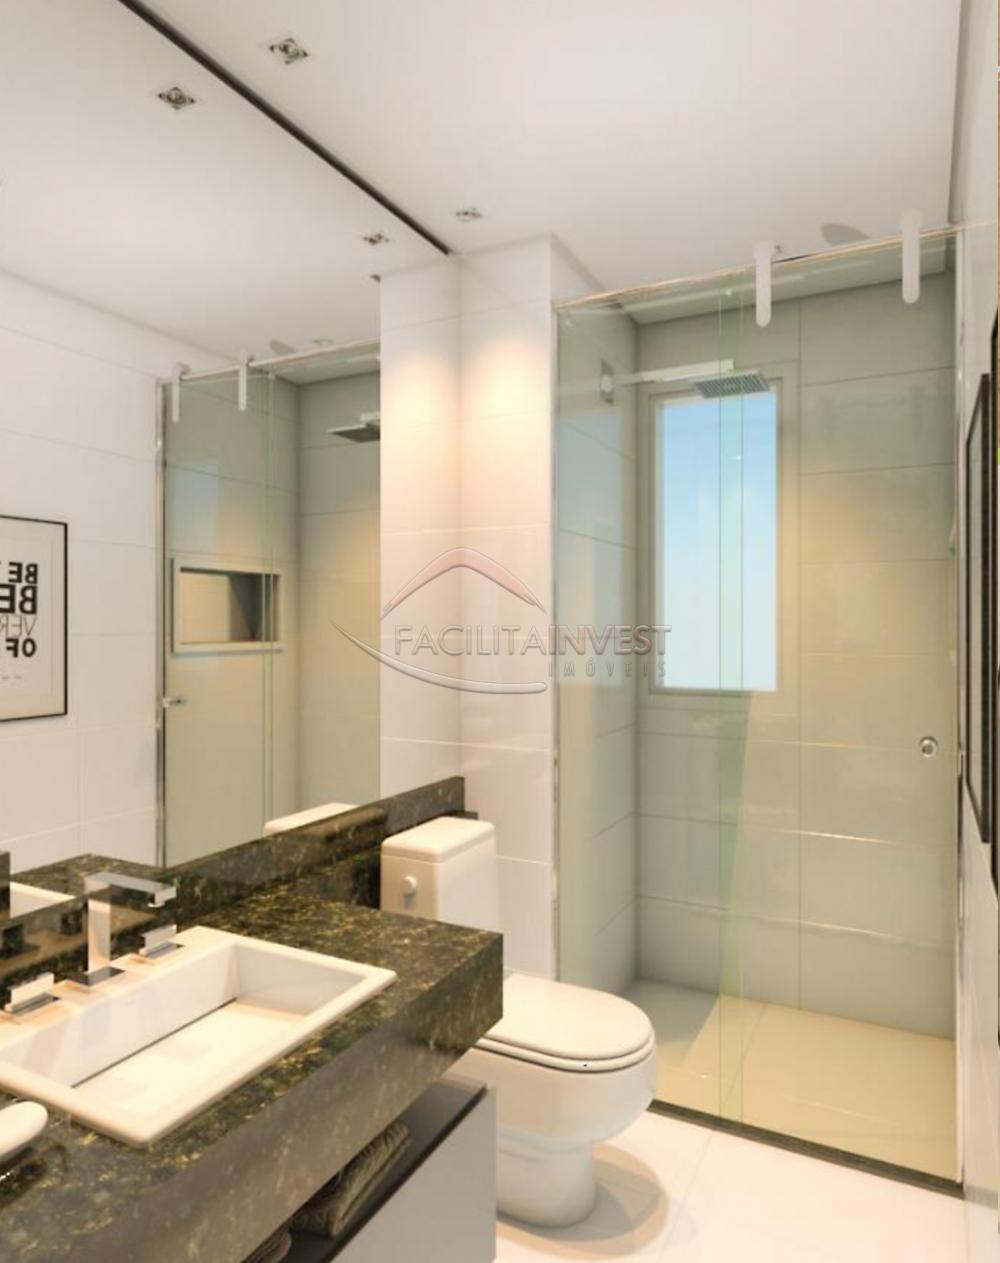 Comprar Lançamentos/ Empreendimentos em Construç / Apartamento padrão - Lançamento em Ribeirão Preto apenas R$ 540.748,00 - Foto 8